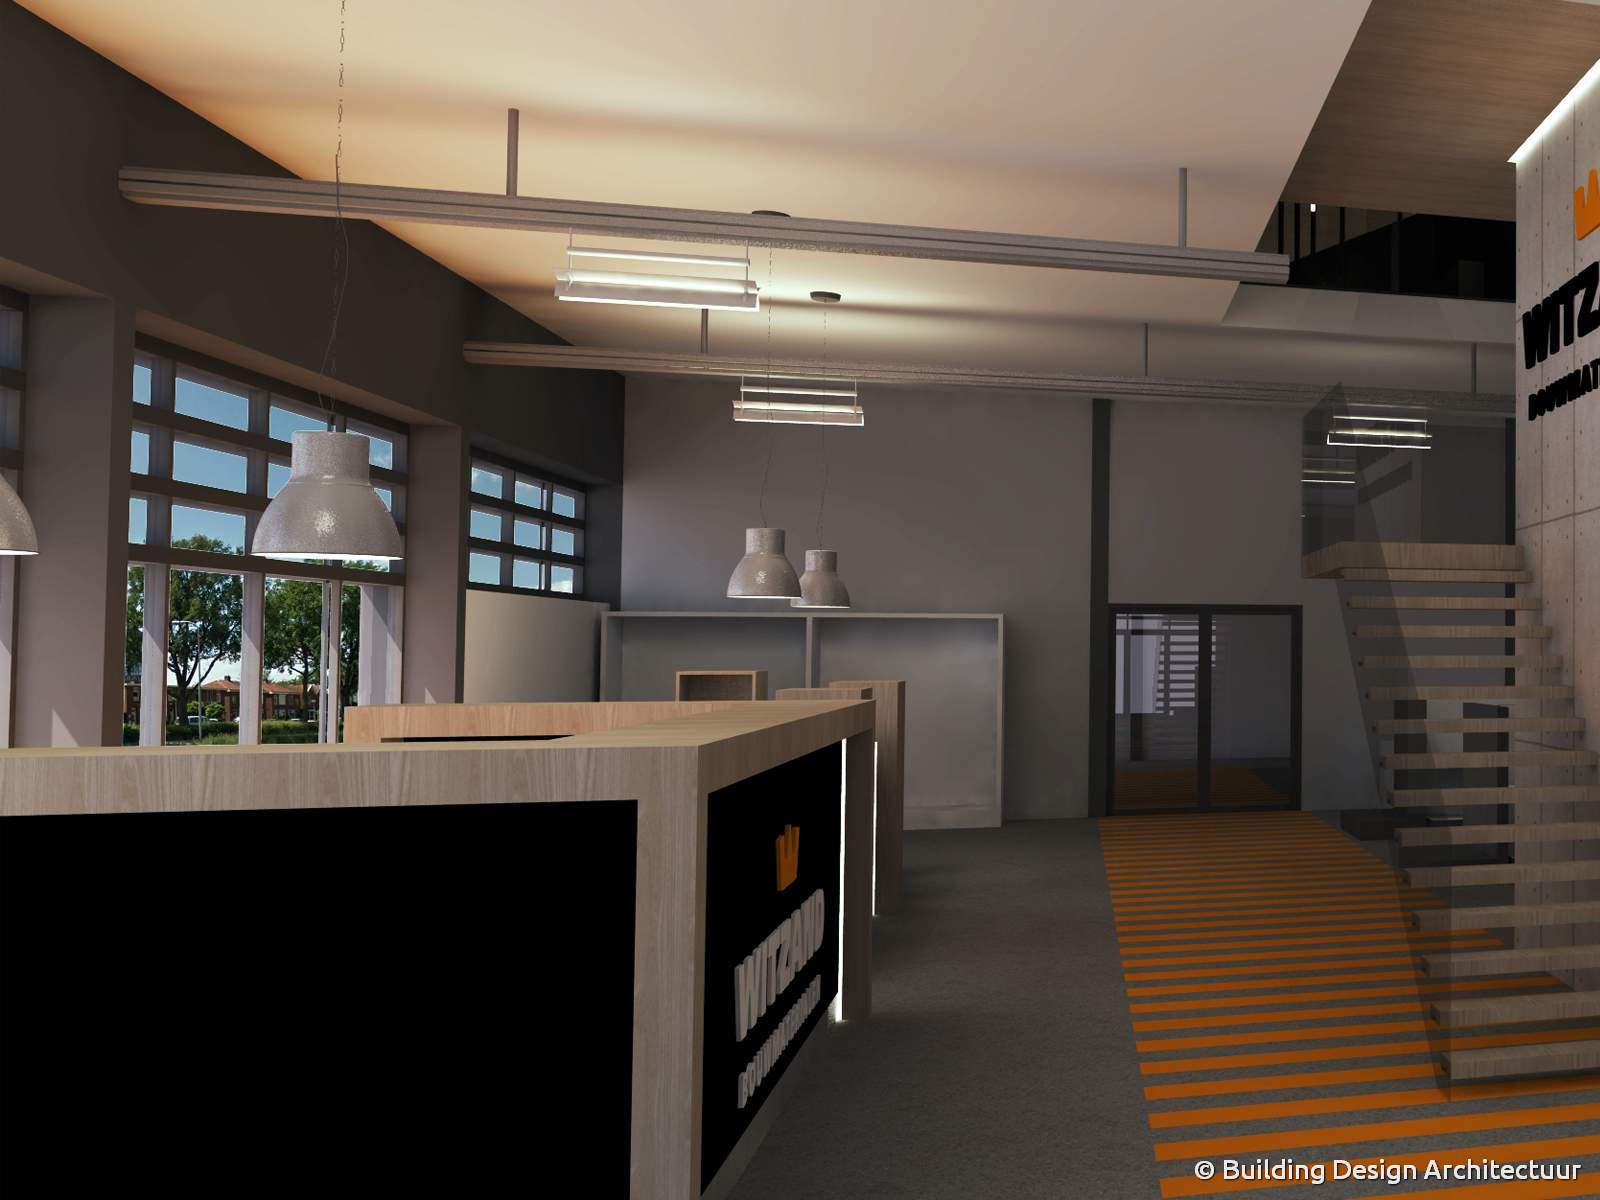 3777_15-109_interieur_bedrijf_almelo_L2.jpg